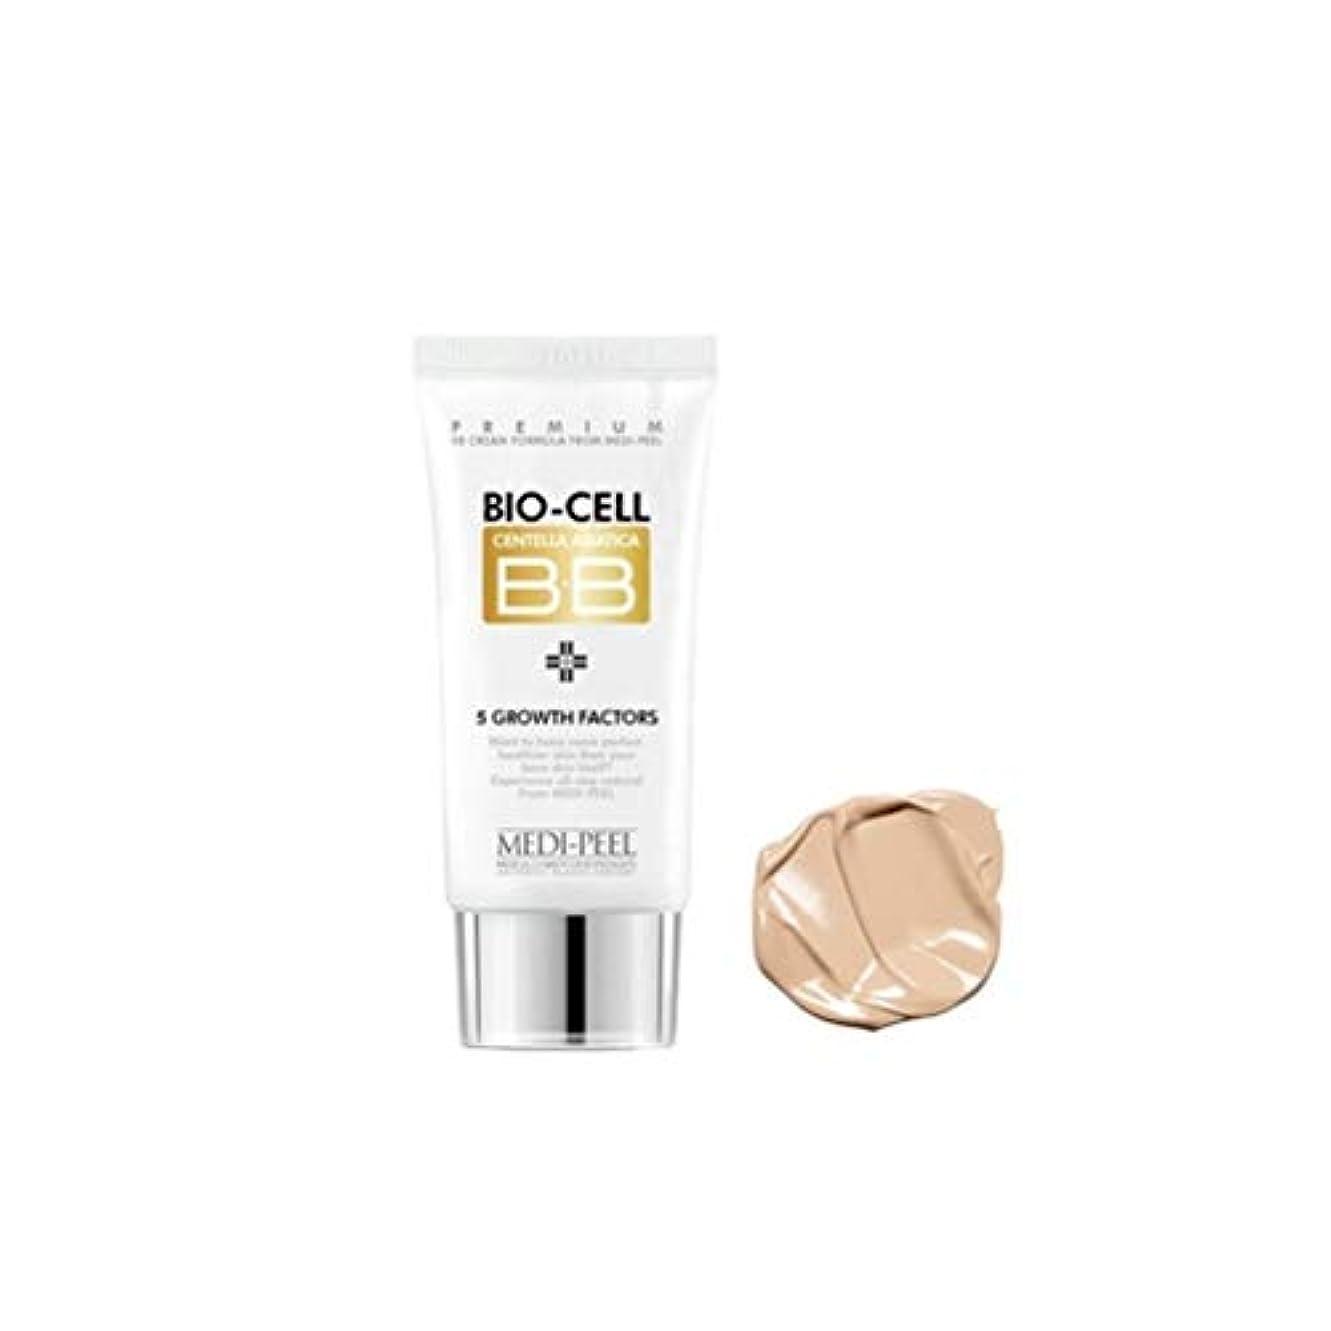 無心獣ジョセフバンクス[Medi-Peel] メディピール バイオセル BBクリーム 50ml. [美.白?シワ.改善2重機能性化粧品] Medi-Peel Bio-cell BB Cream 50ml.